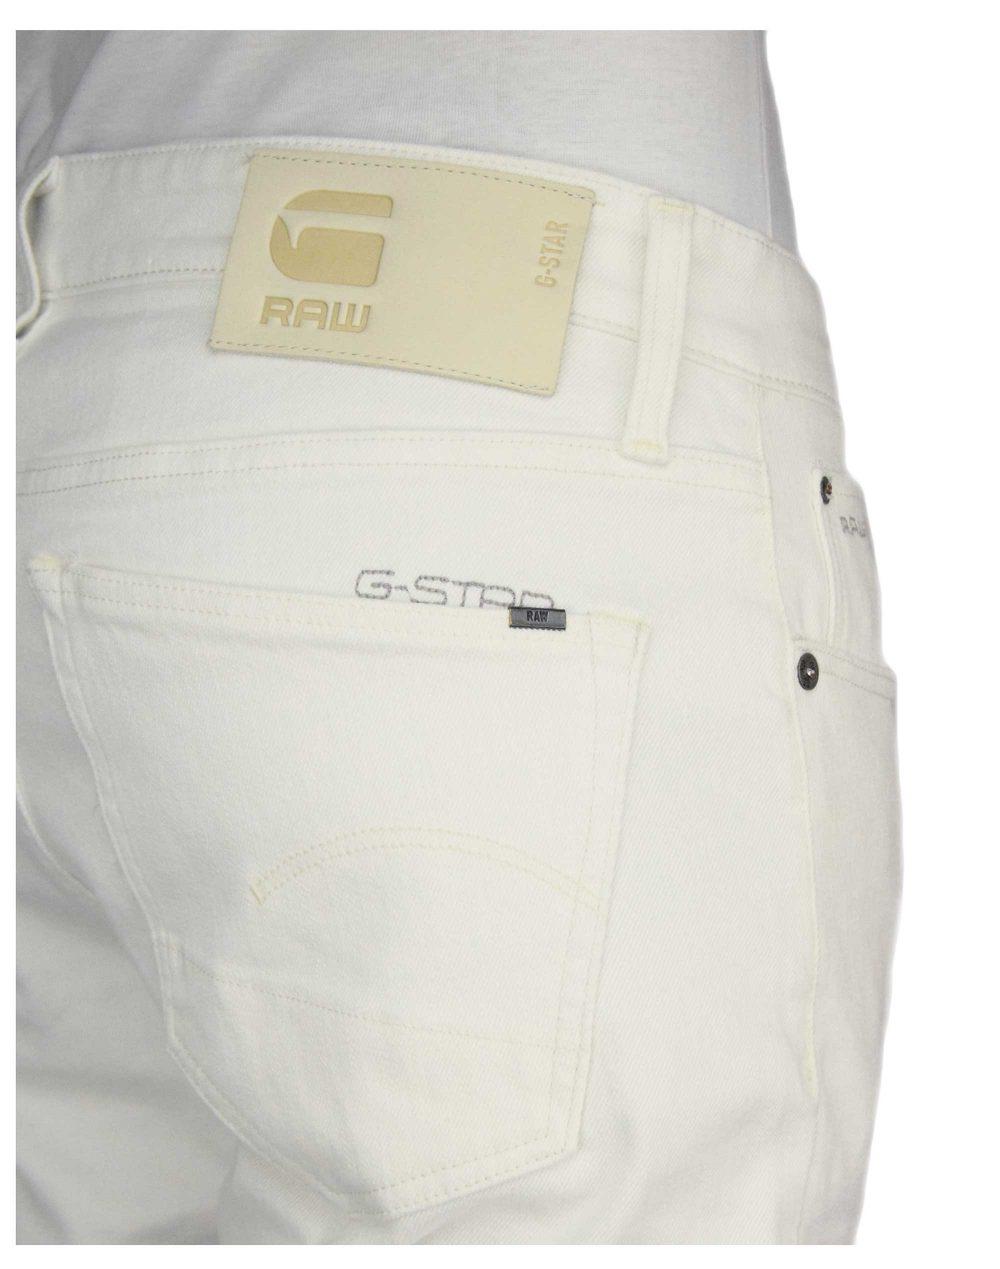 G-Star Raw 3301 Slim (51001-B637-B144) 3D Milk